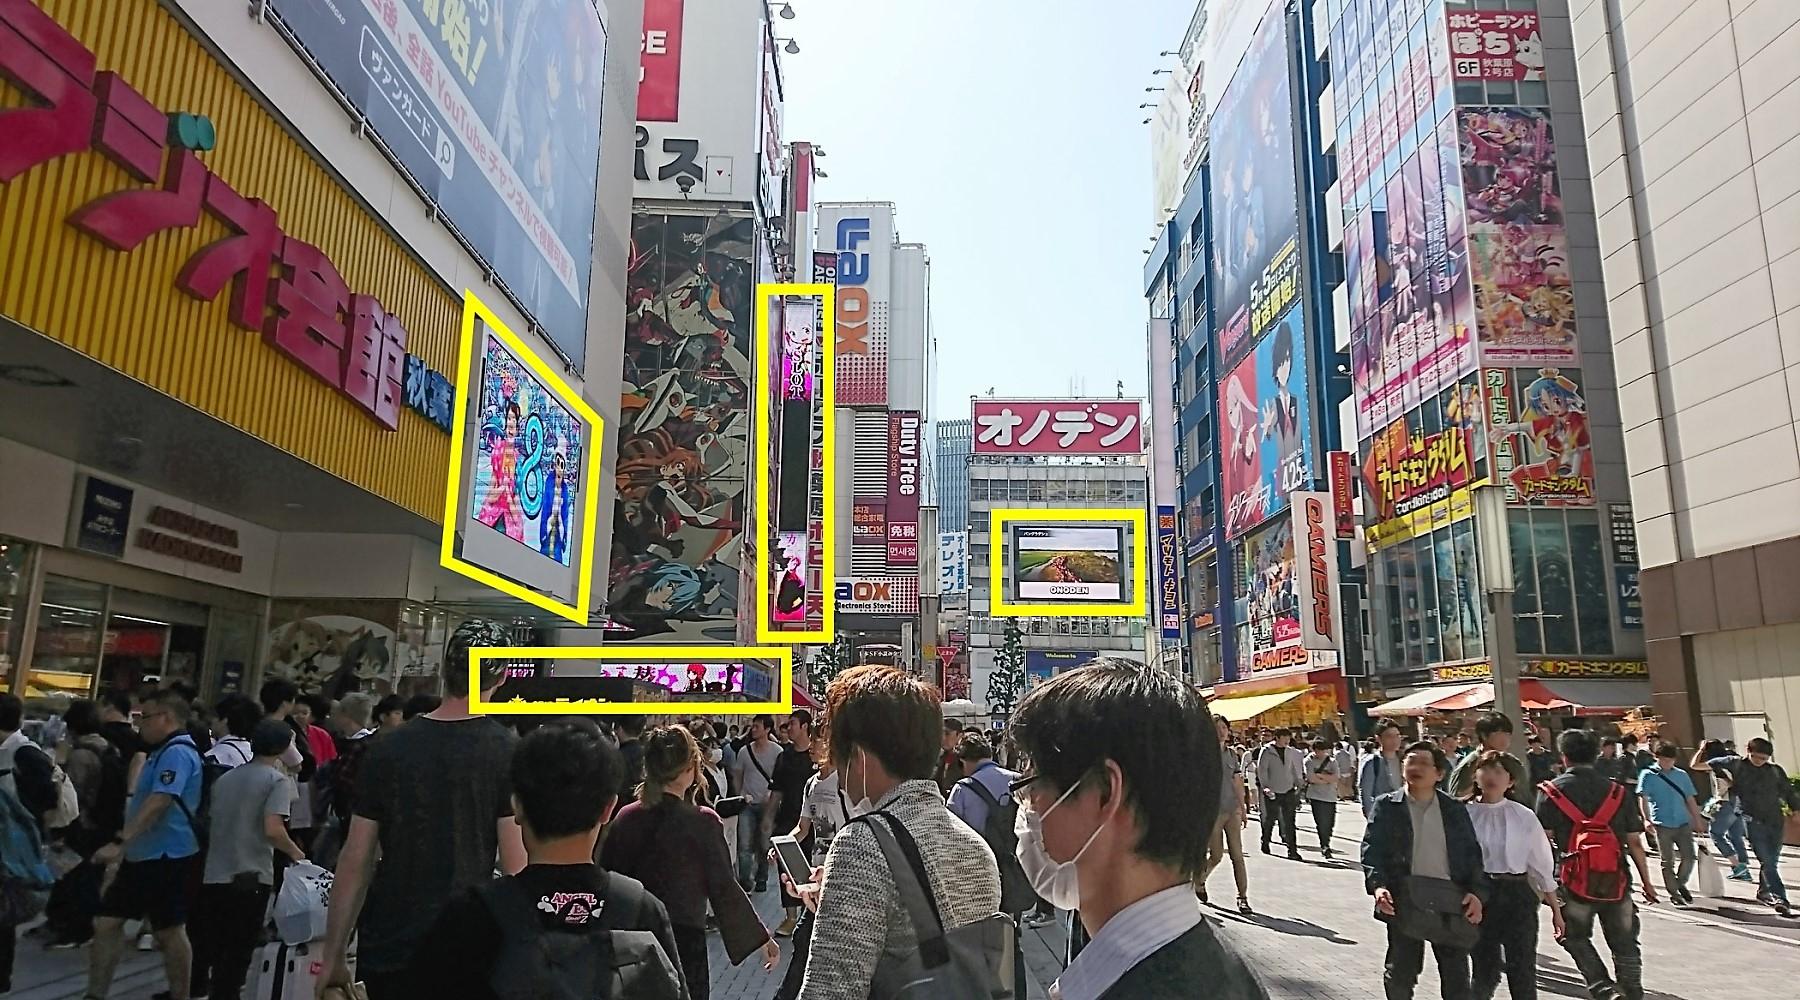 「街」のデジタルサイネージ(秋葉原編)04_電気街口